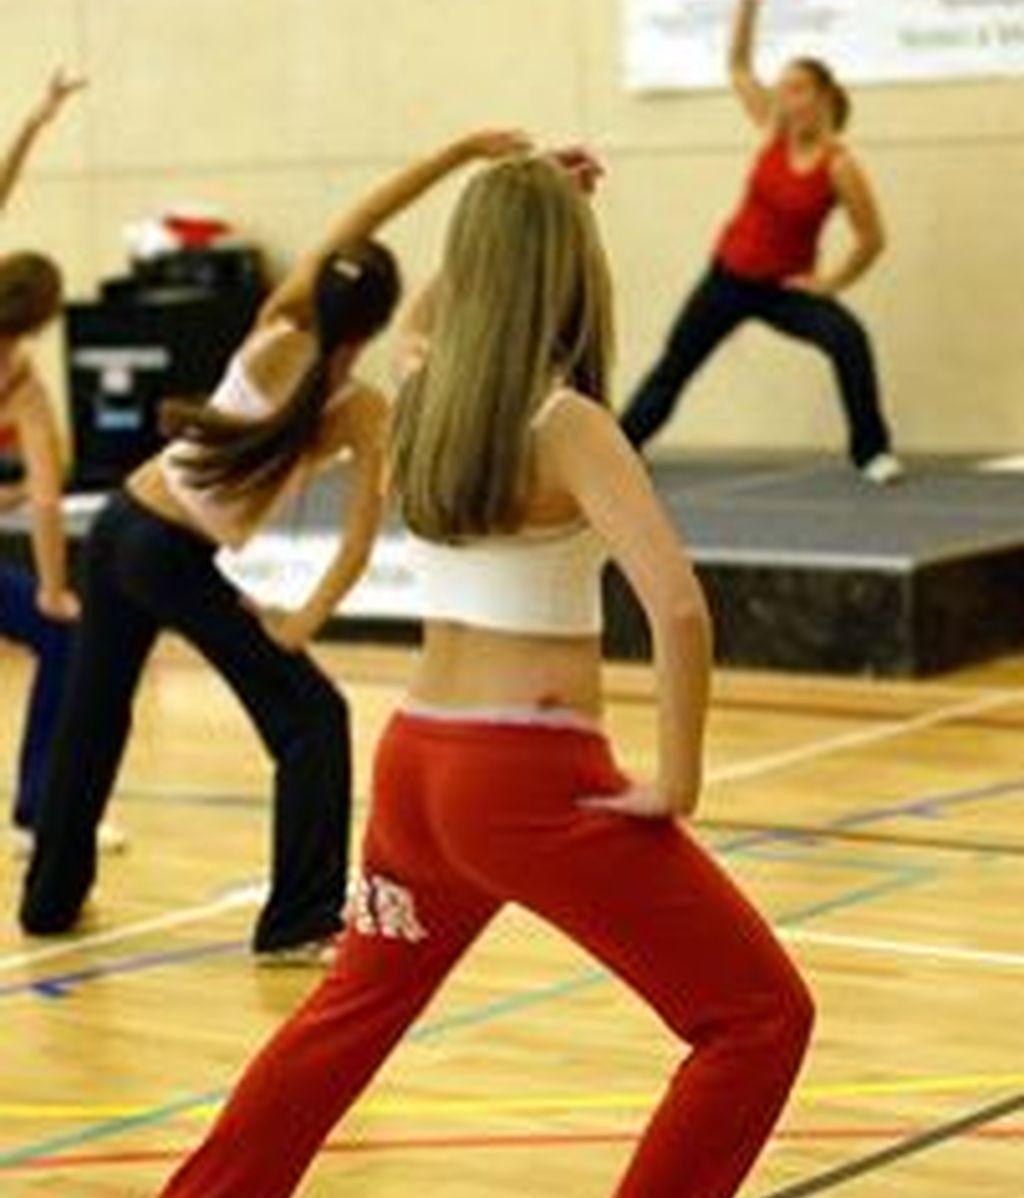 Las entidades de gestión exigían el pago de casi 12.000 euros por la música usada en las clases de aeróbic.